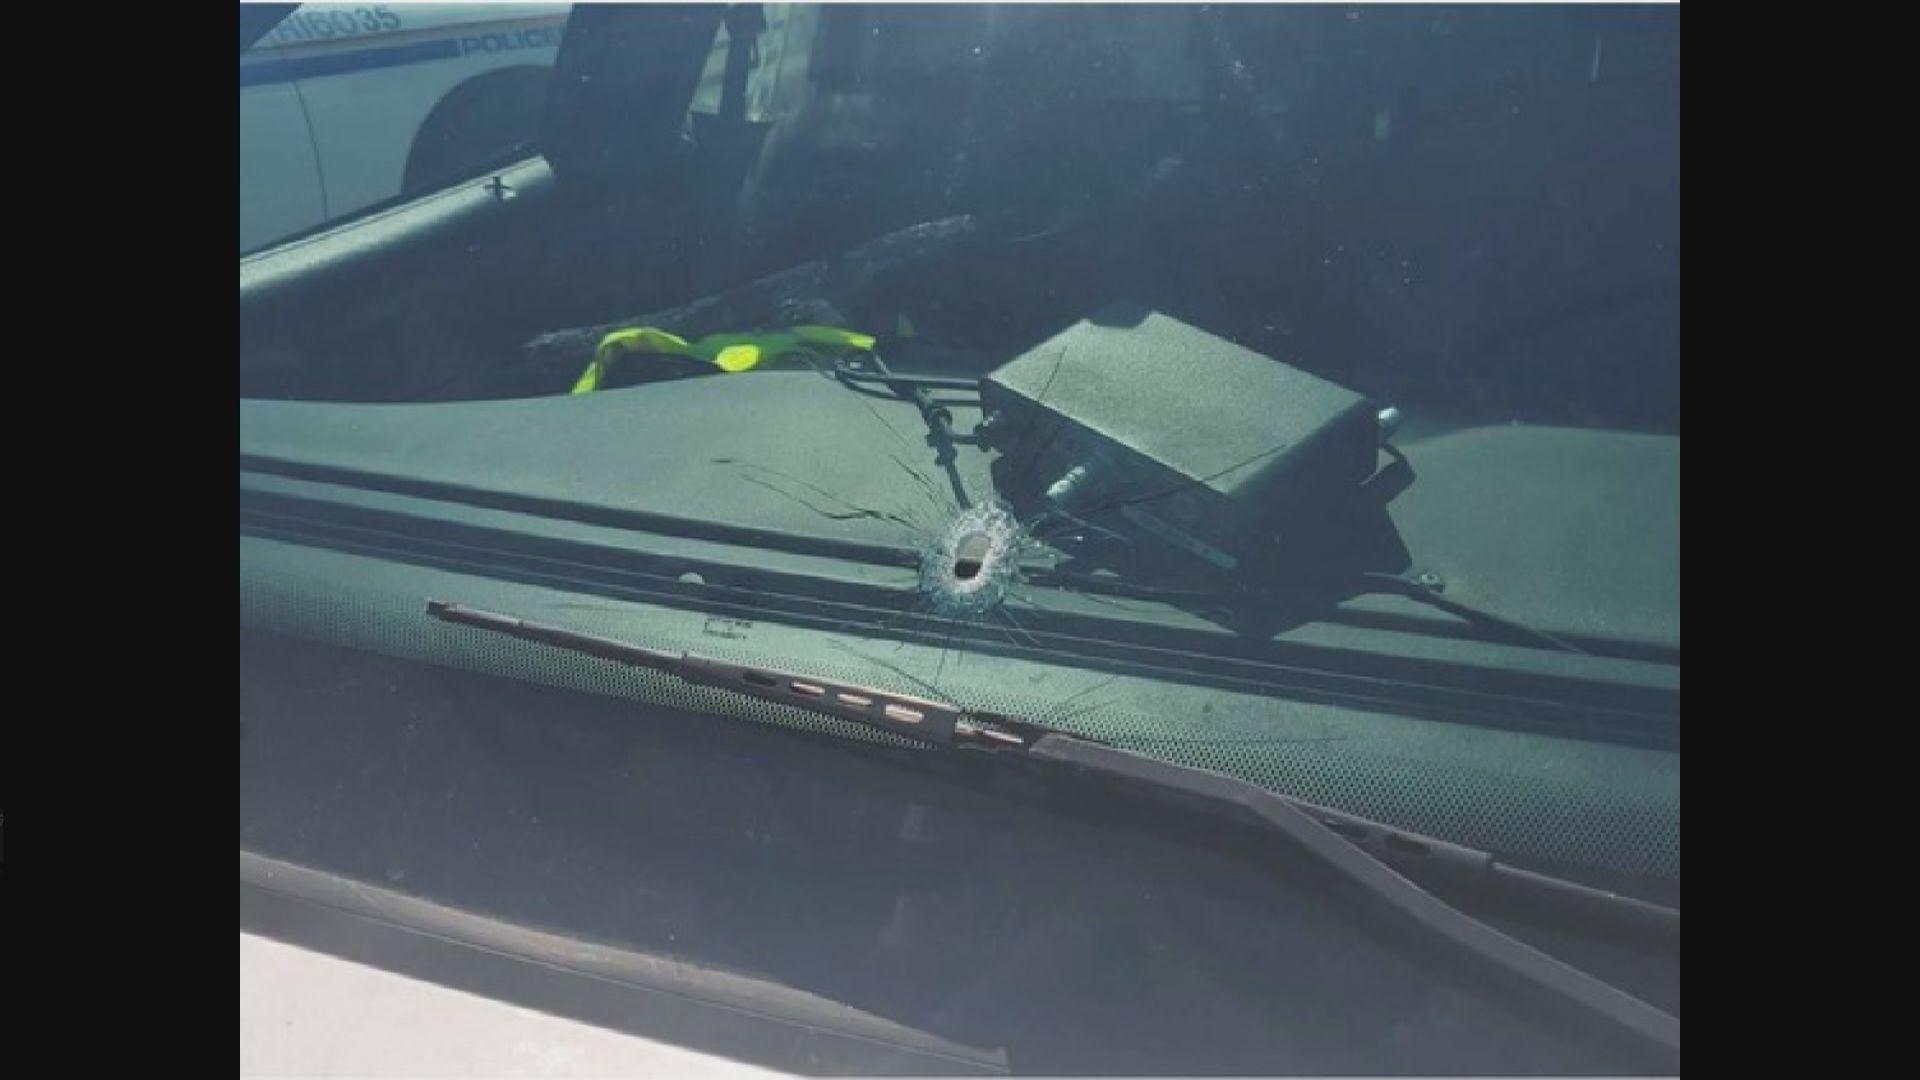 溫哥華國際機場槍擊案一死 疑犯在逃